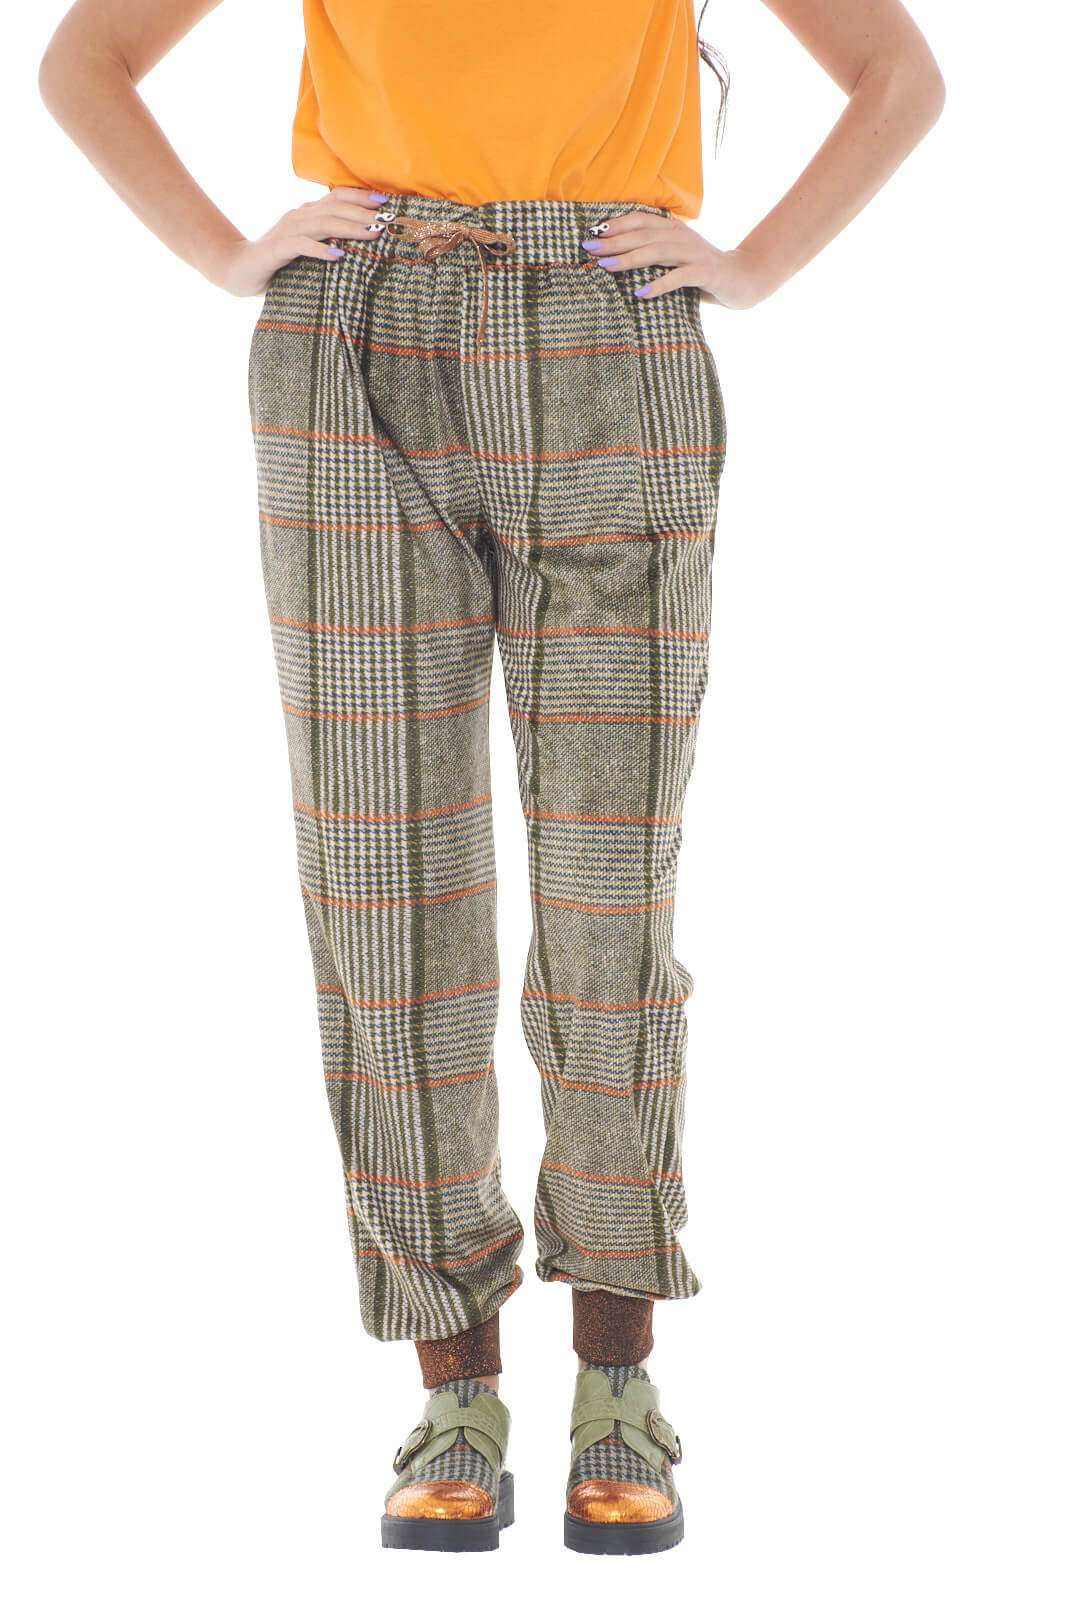 Un pantalone che con i suoi colori, regalerà uno stile vivace e sgargiante ad ogni outfit. Questo firmato Kontessa, infatti, con la sua fantasia geometrica in vari colori, renderà facile ogni abbinamento con bluse o maglie colorate, per un look pieno di colore.  La modella è alta 1,78m e indossa la taglia S.